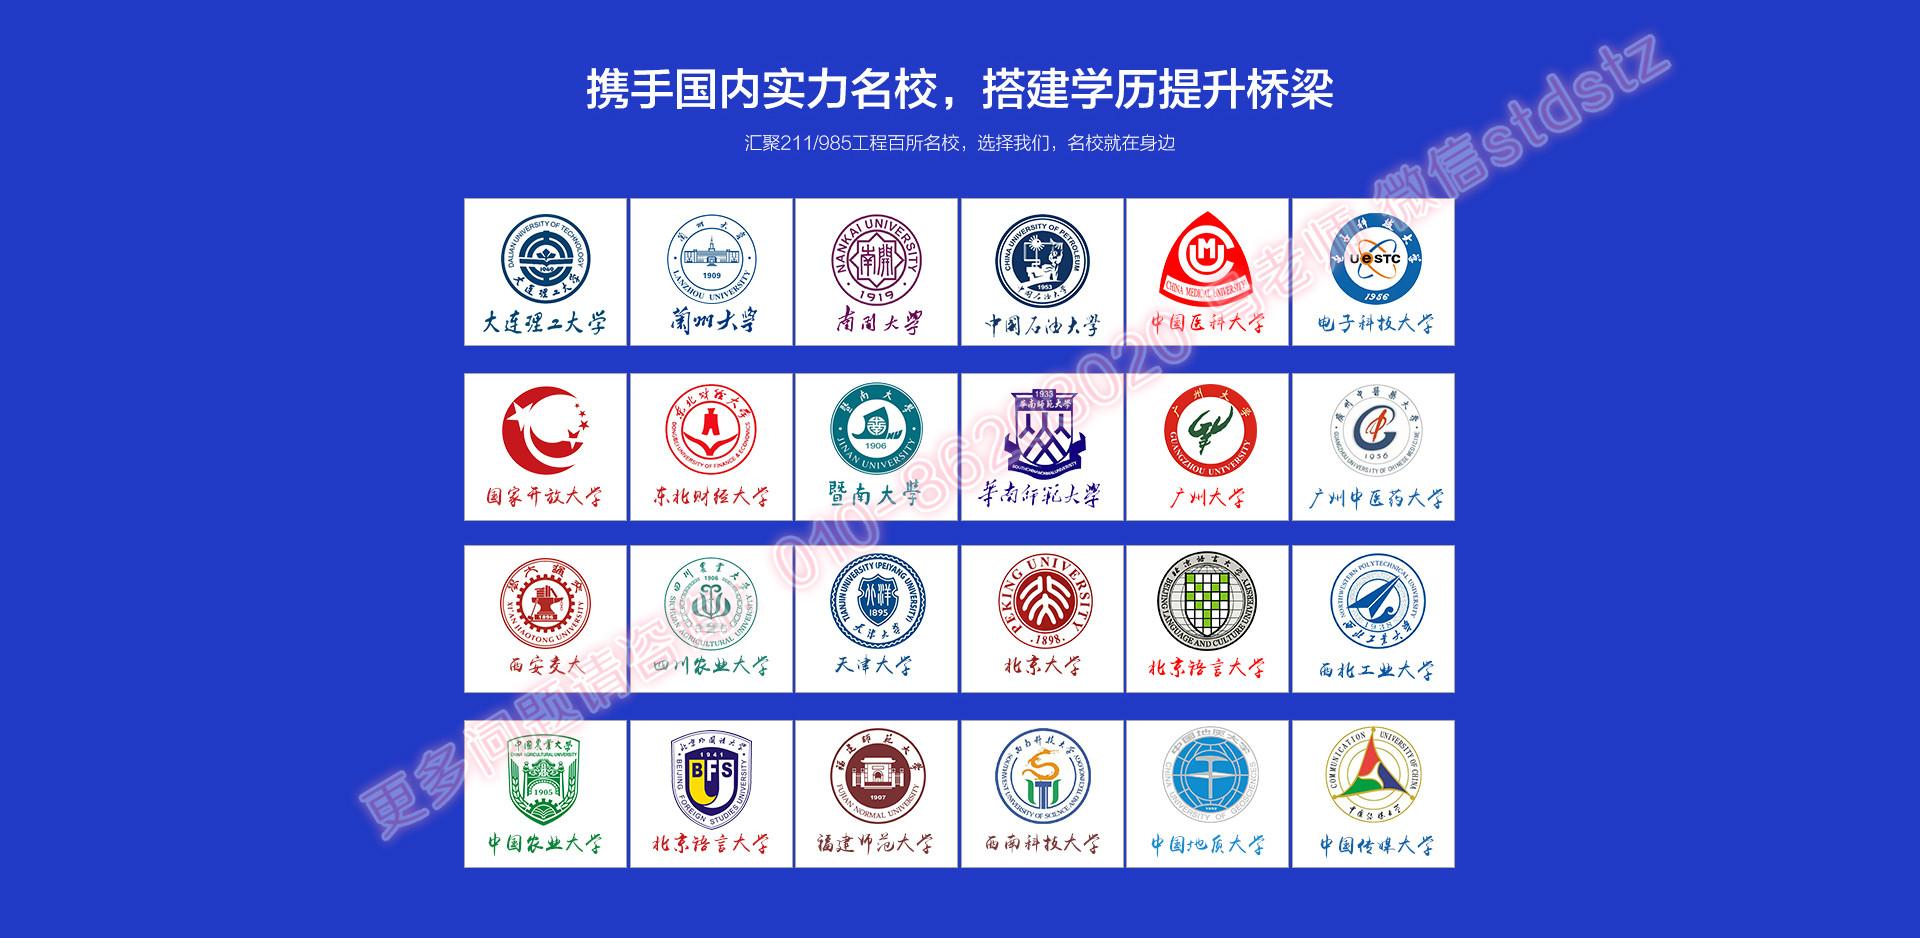 庆阳幼儿园园长证幼师证保育员证报名考证,学历提升